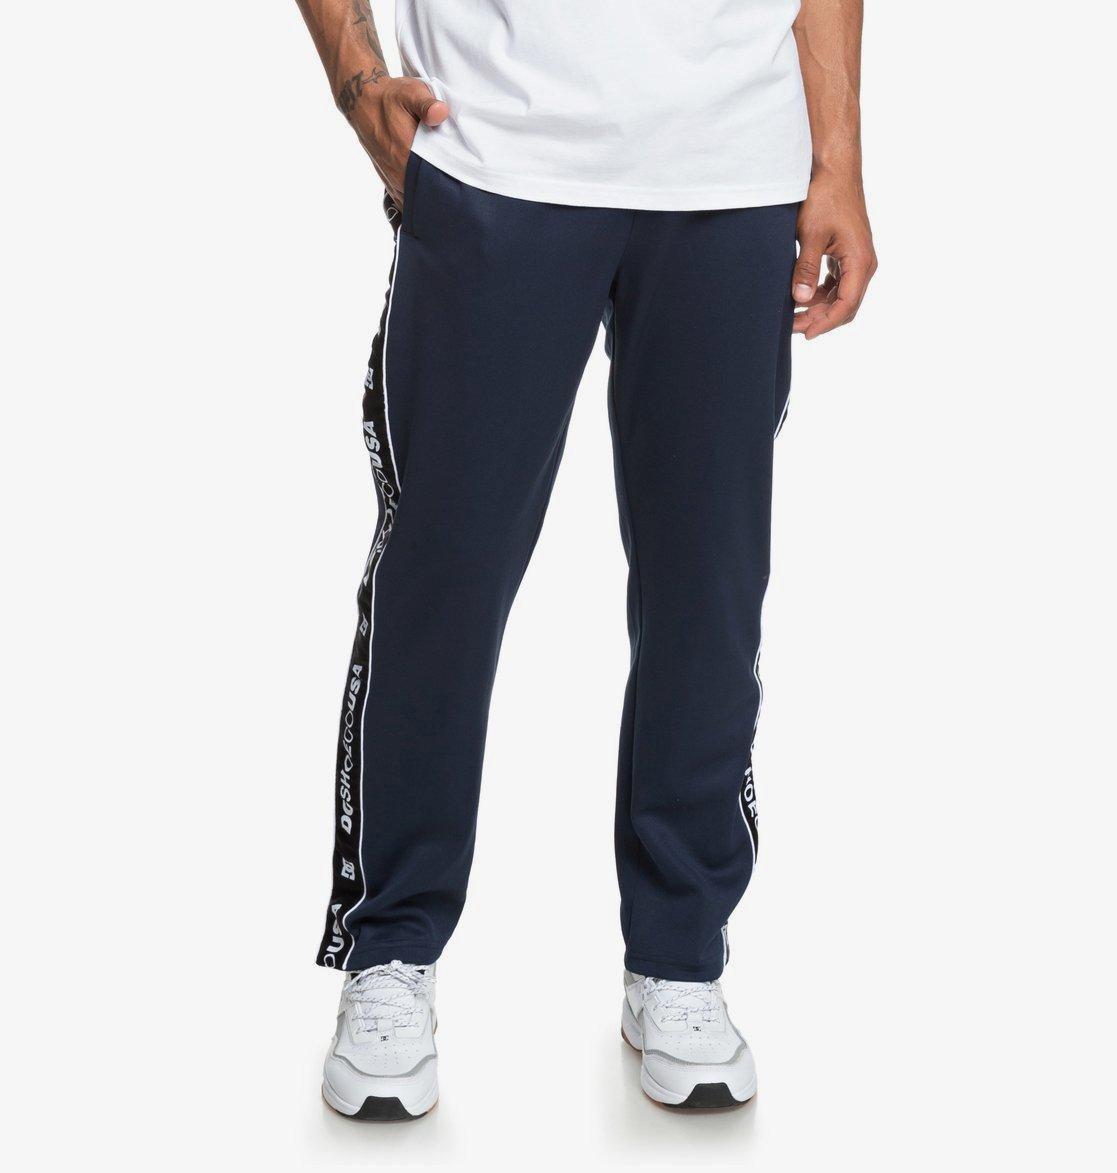 gran descuento 0c3cc f2f51 Bellingham - Pantalones de chándal para Hombre